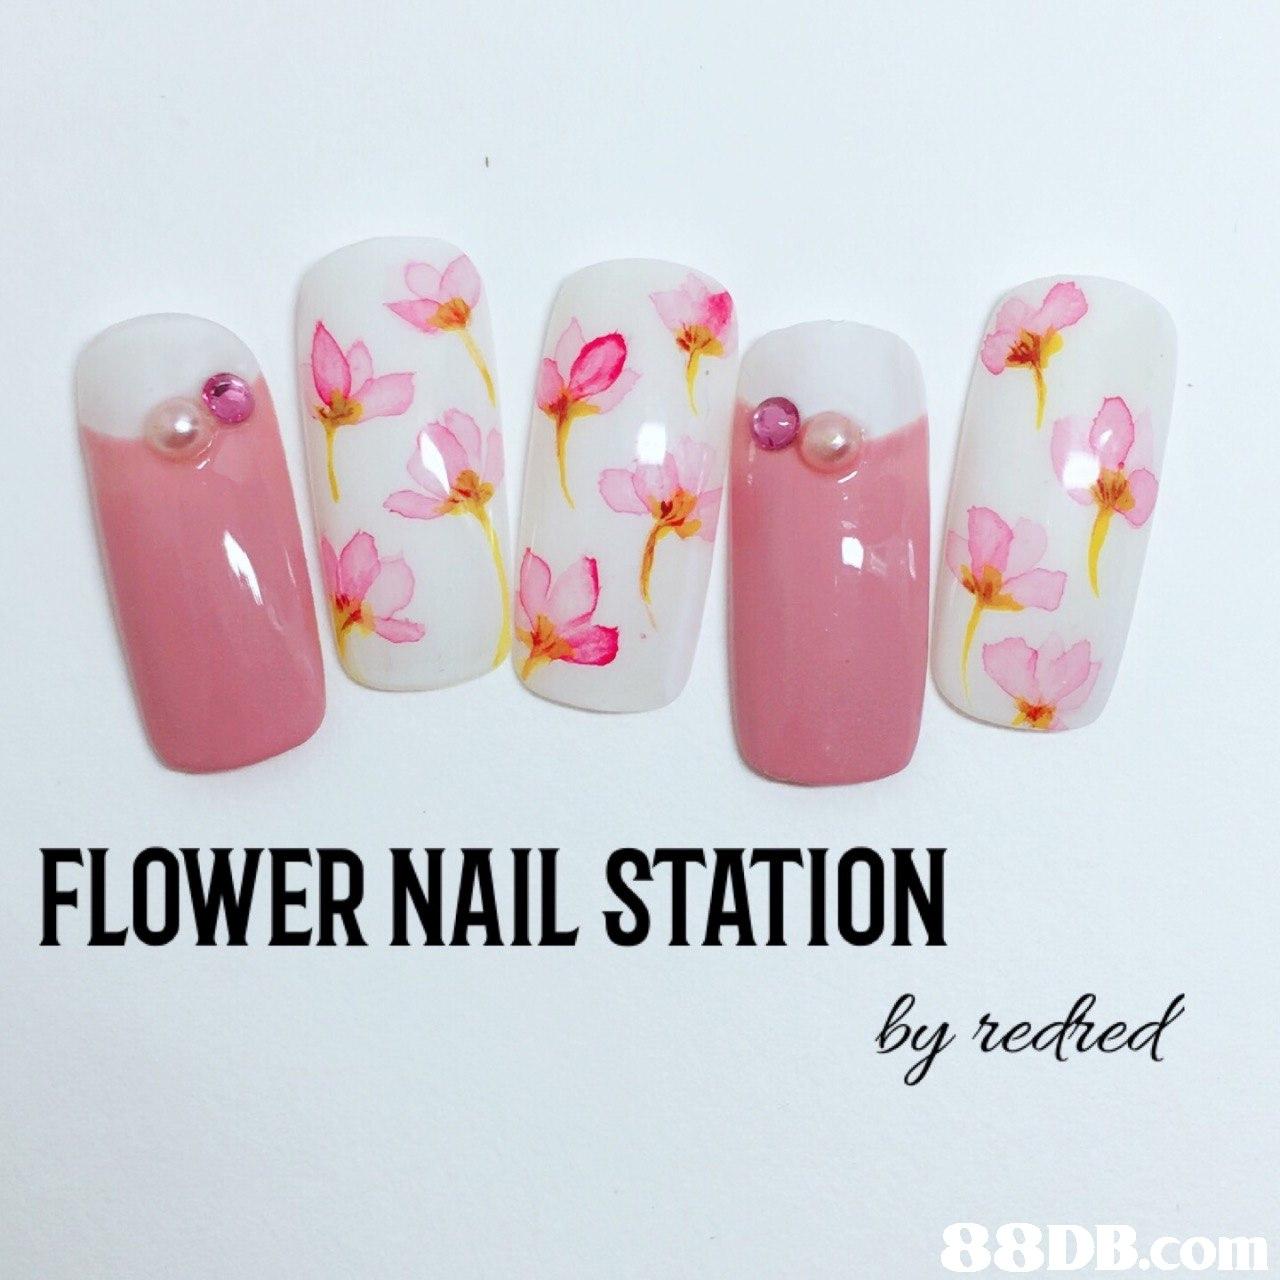 FLOWER NAIL STATION by redhed   Nail,Pink,Nail polish,Finger,Nail care